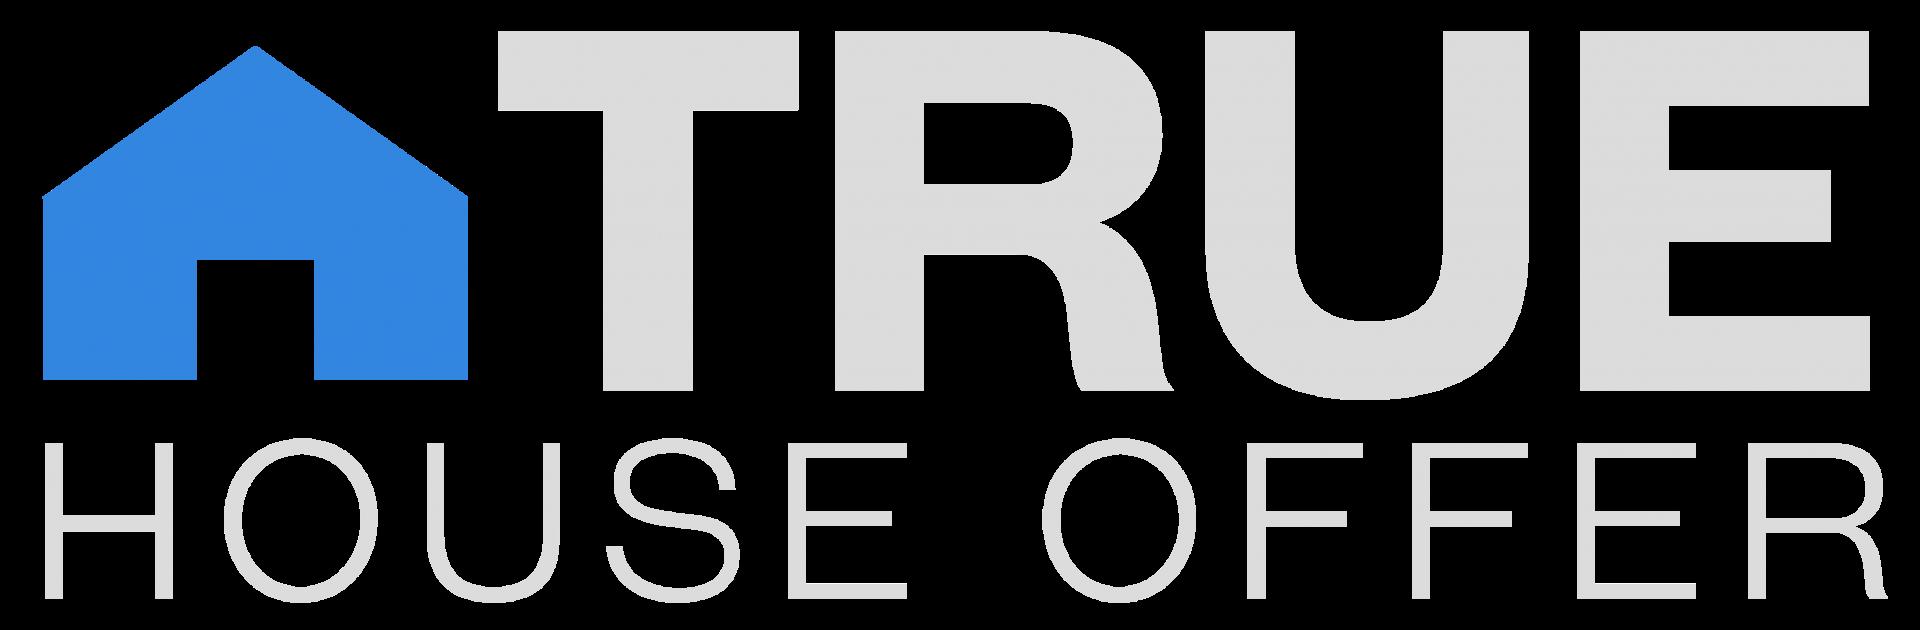 True House Offer logo